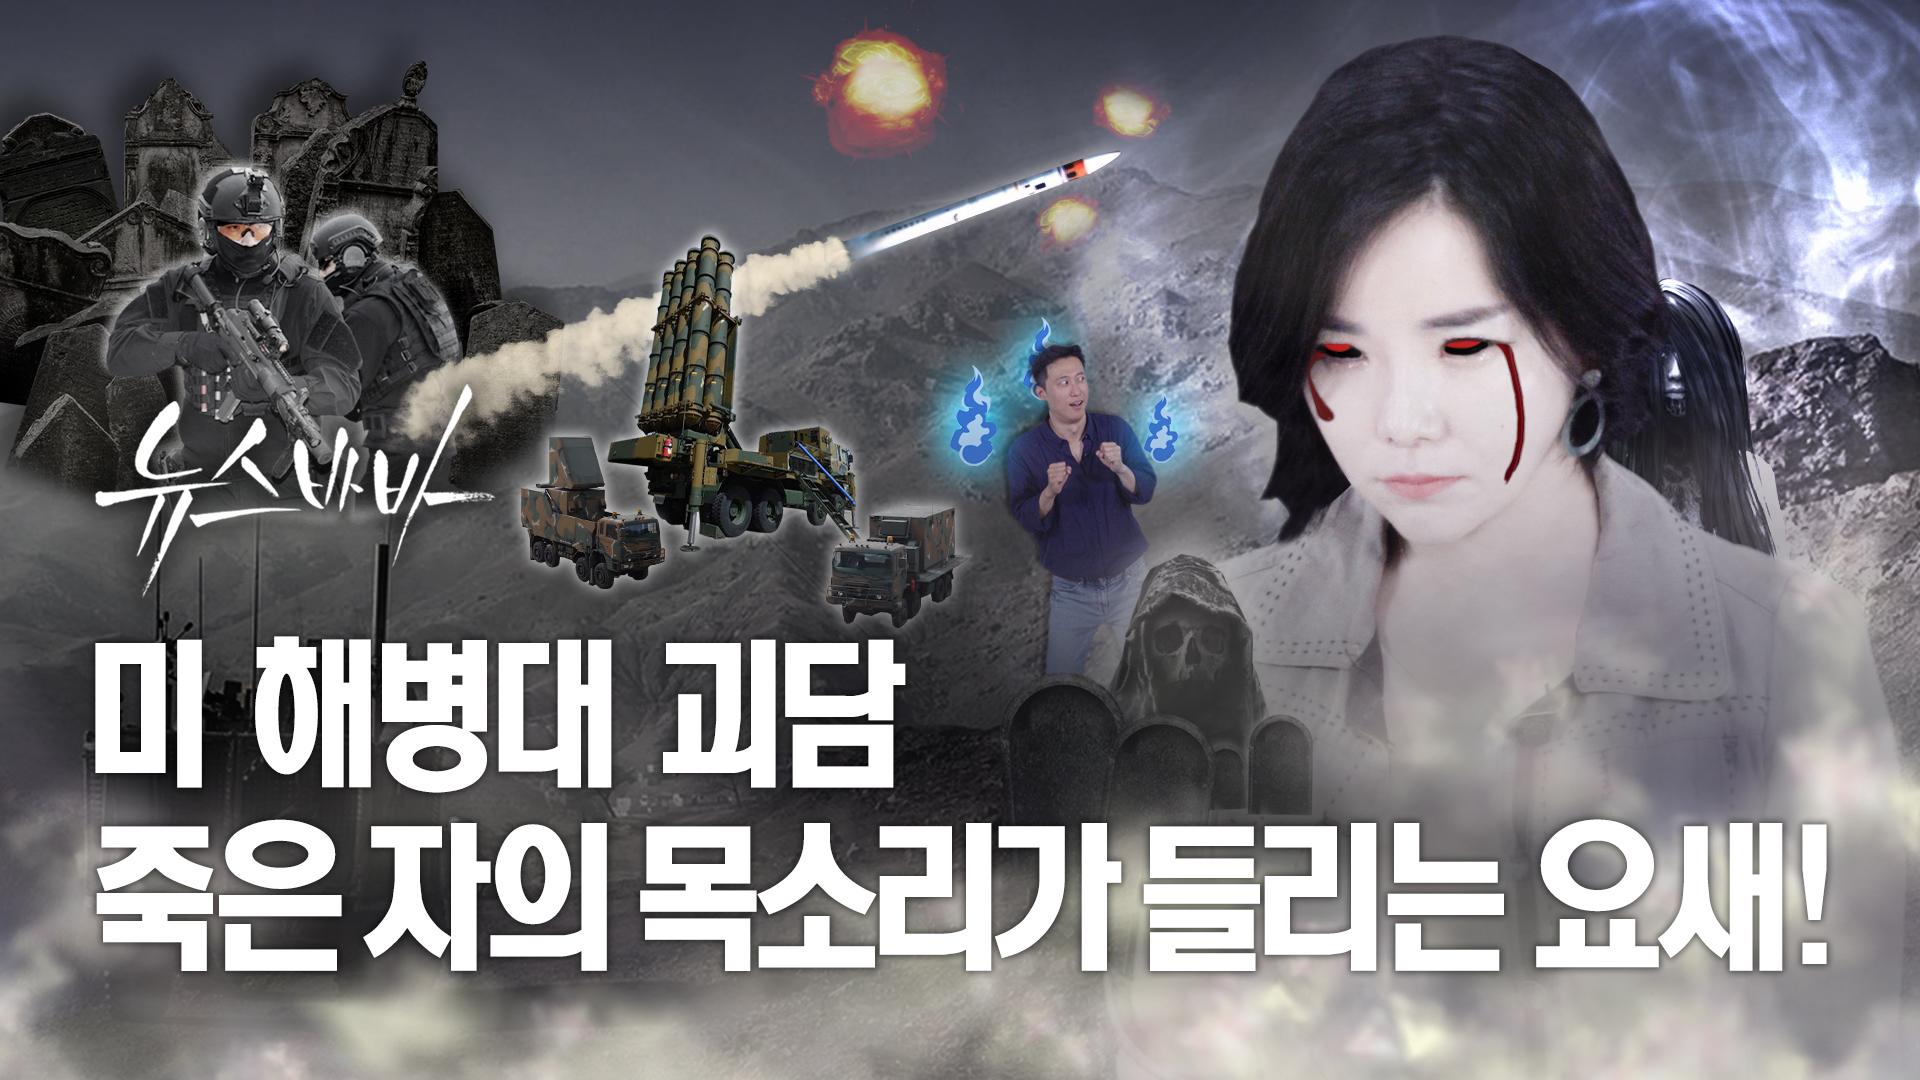 [뉴스바바] 美해병괴담! 죽은자